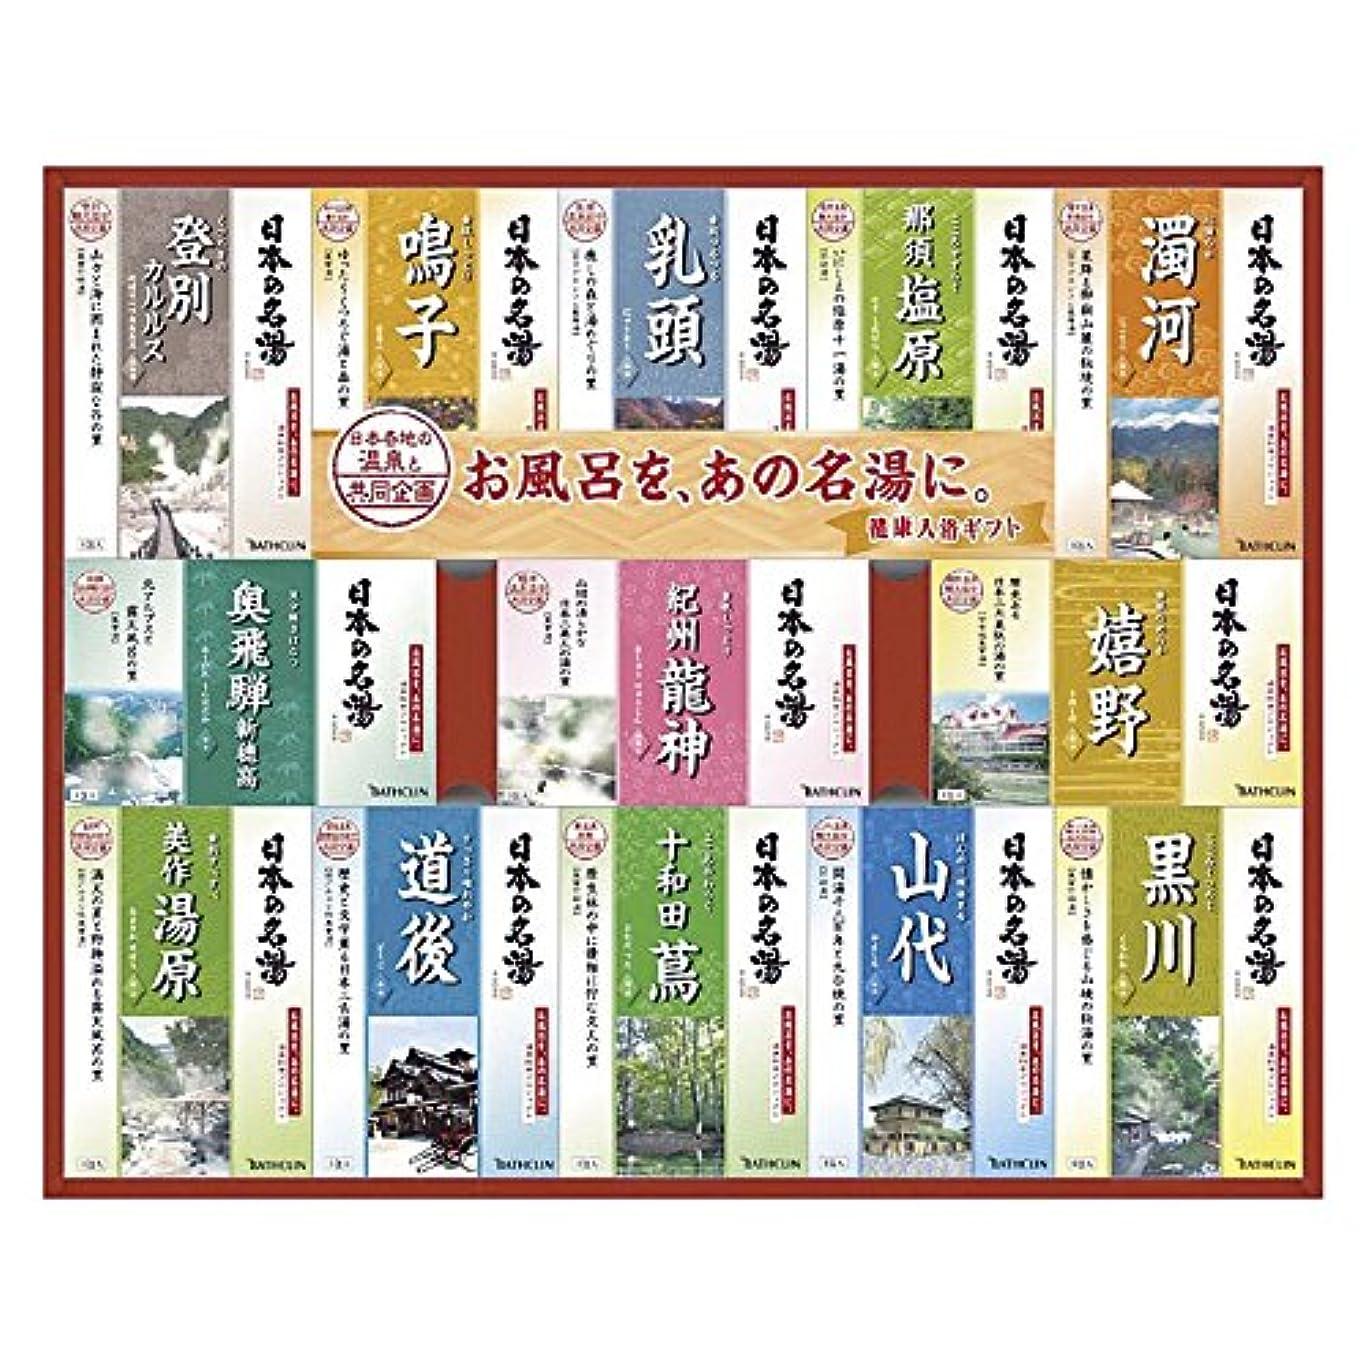 プレフィックス散るボウリングバスクリン 日本の名湯 ギフトセット 【保湿 ギフト 温泉 発汗 セット あったまる いろいろ うるおい うるおう しっとり すべすべ はっかん 極楽 ごくらく ゆったり ばすくりん 5000】